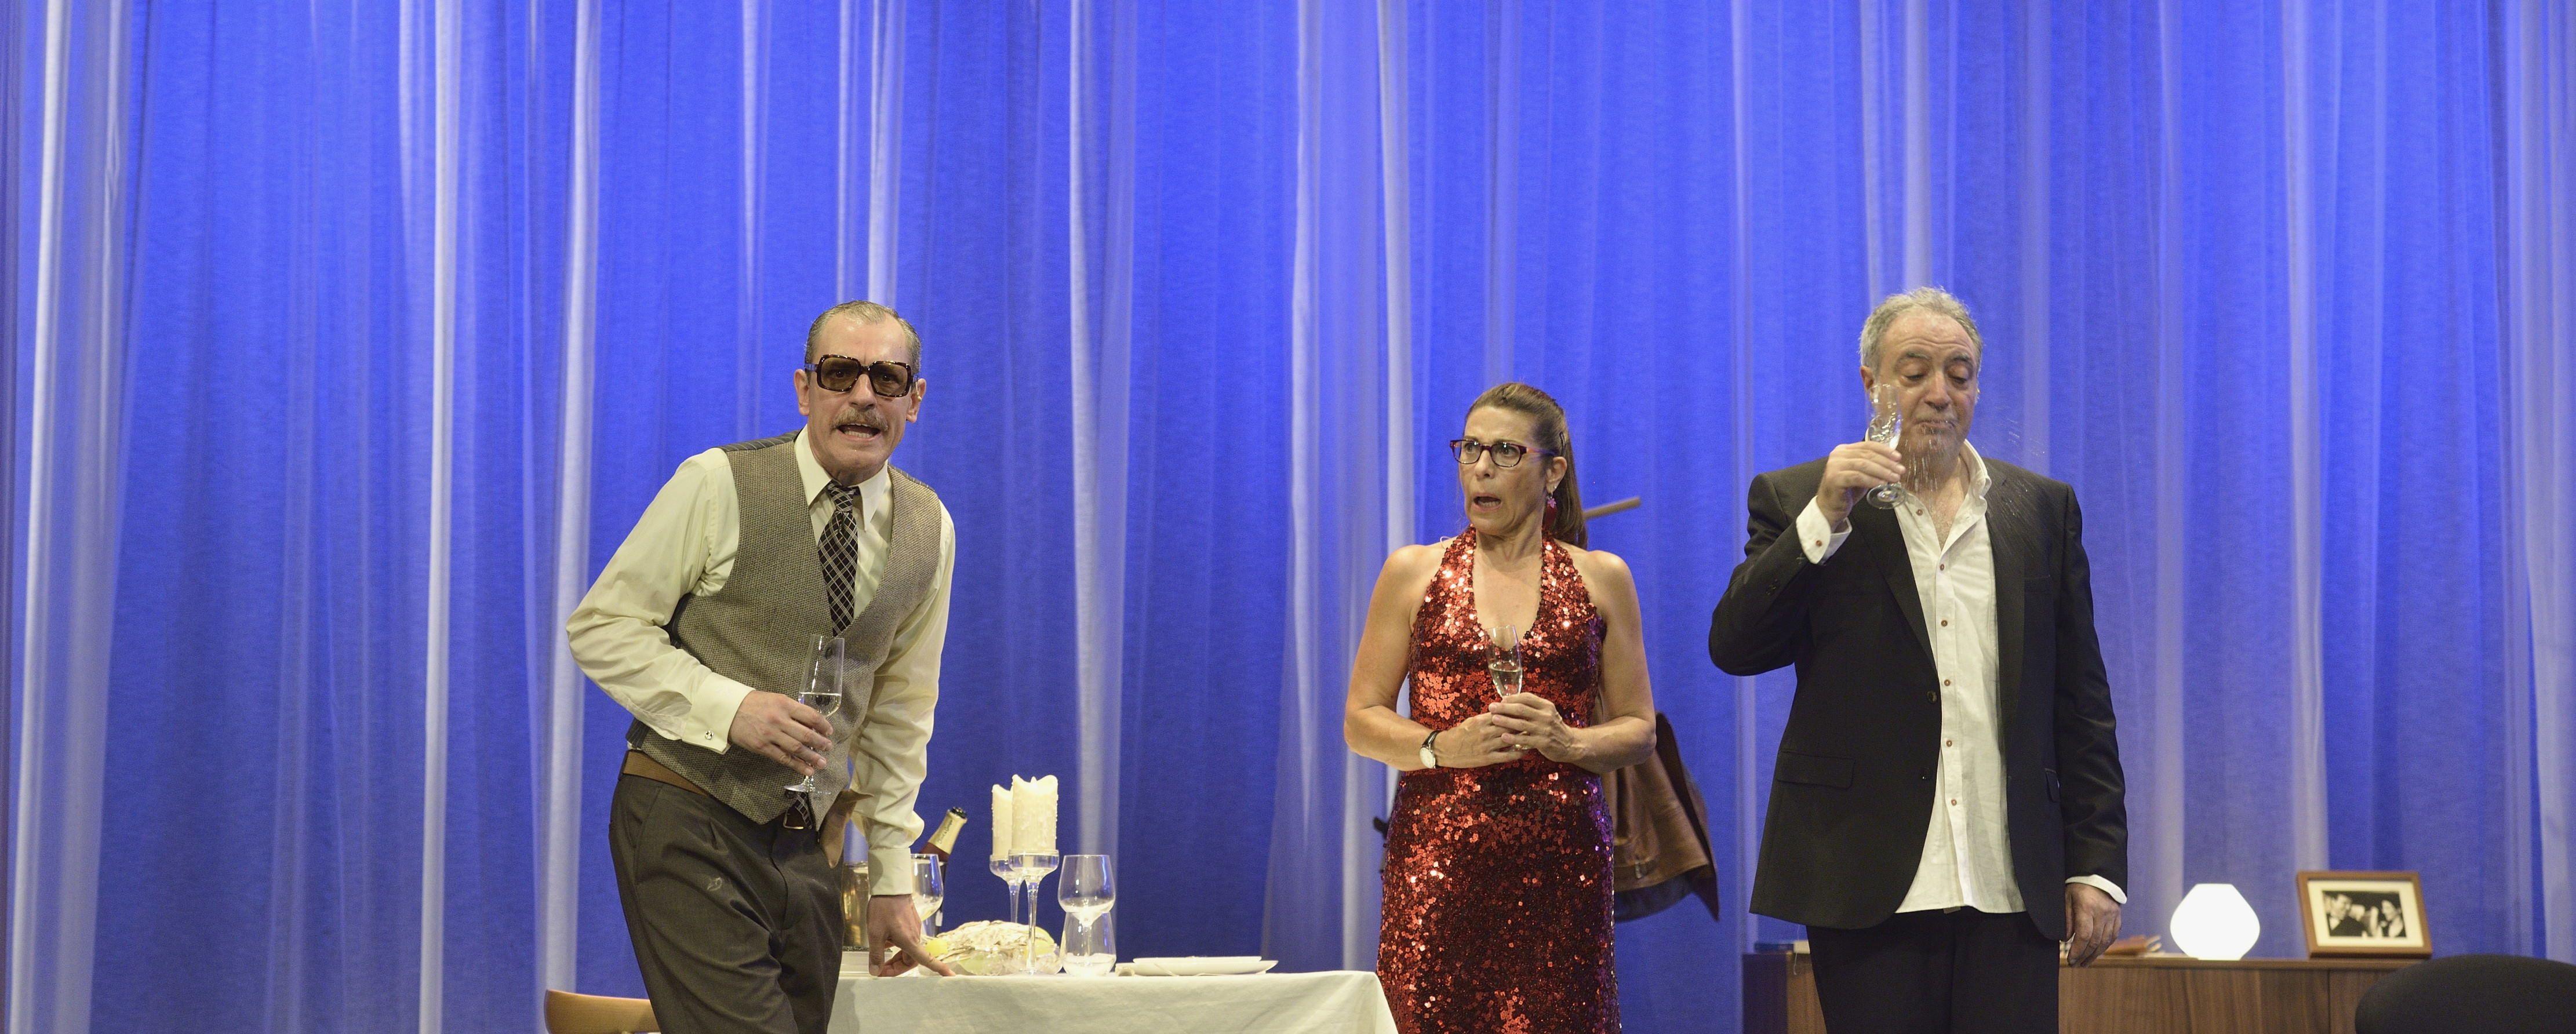 Caiguts del cel - Teatre Condal - (c) David Ruano